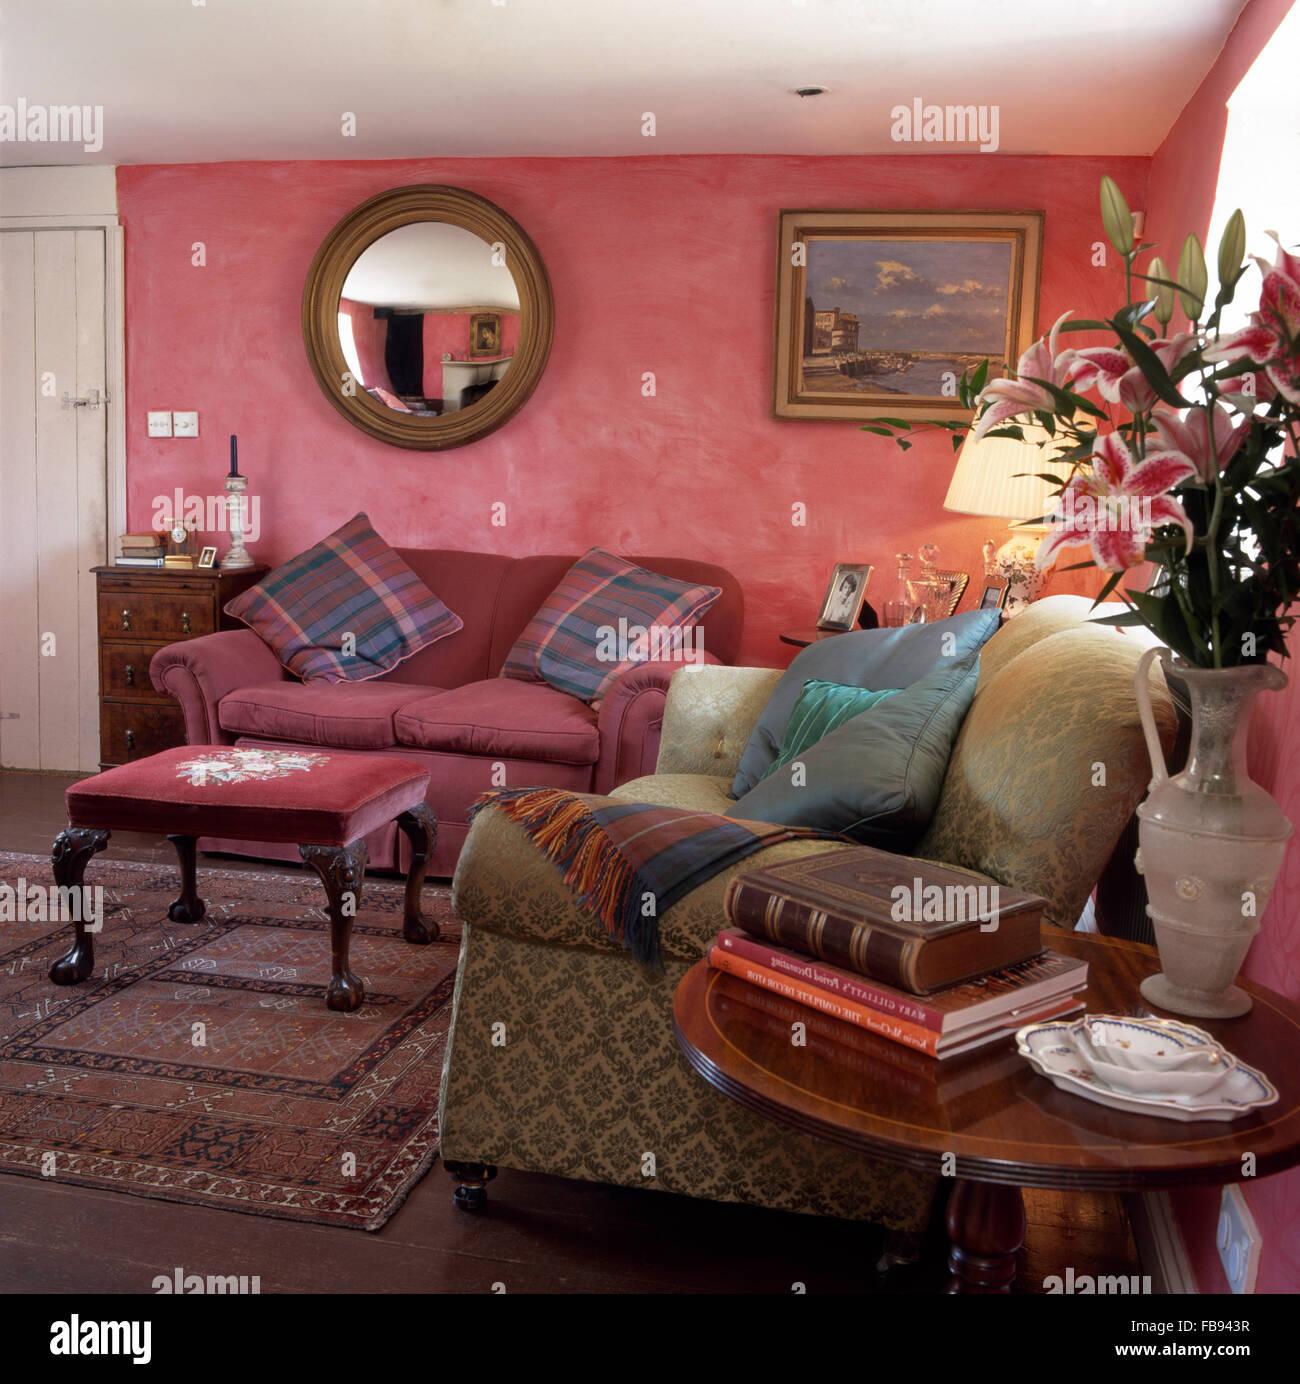 Peinture À L Éponge Sur Mur miroir circulaire au-dessus du canapé dans années 90 rose